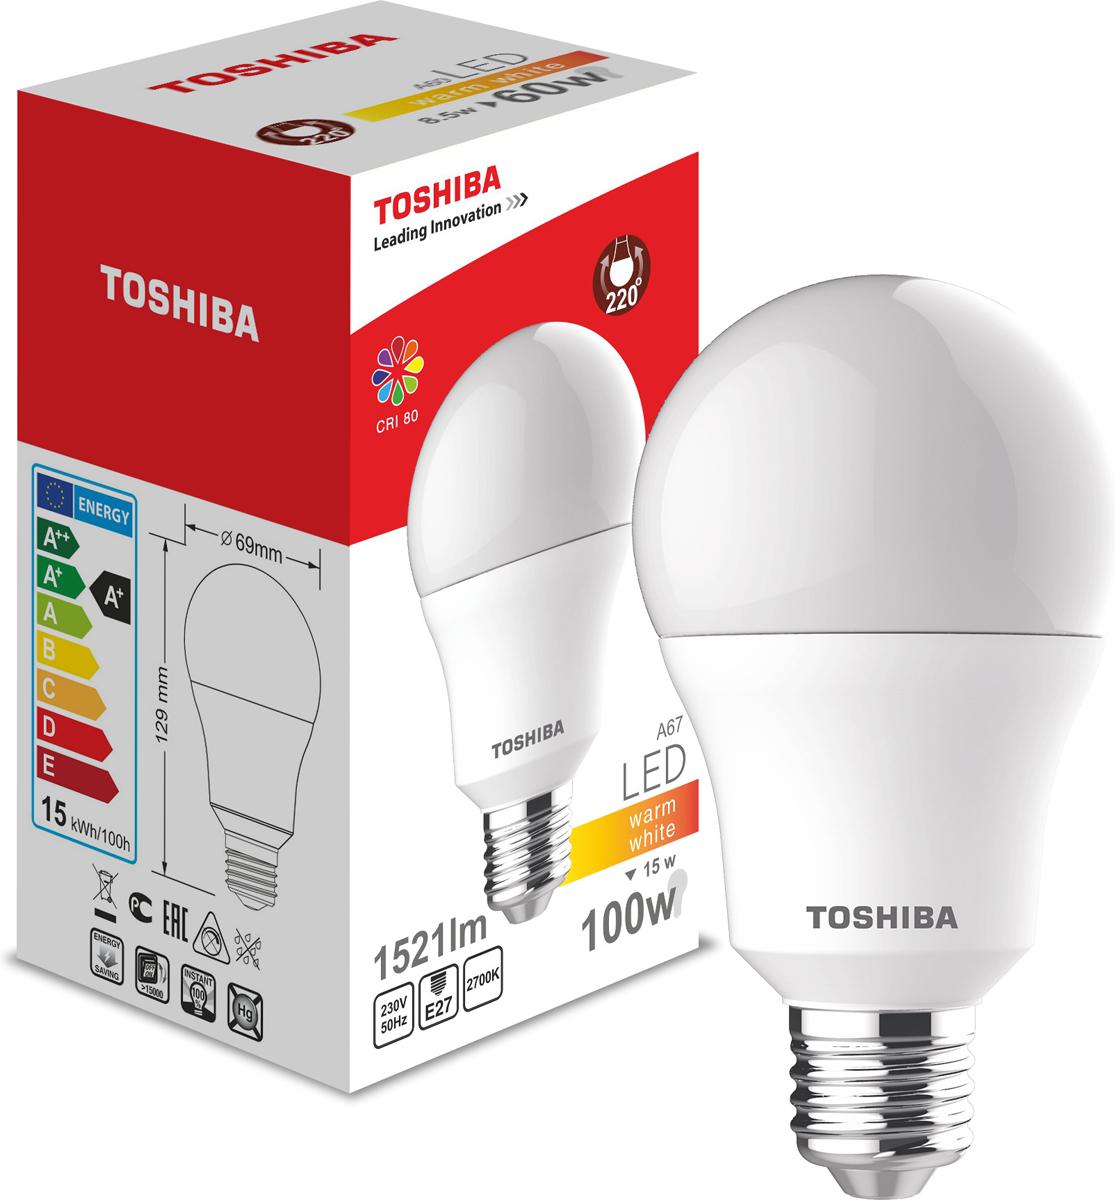 Лампа светодиодная Toshiba, теплый свет, цоколь E27, 15W, 2700K. 101315131A101315131AЛампа светодиодная Toshiba является самым перспективным источником света. Основным преимуществом данного источника света является длительный срок службы и очень низкое энергопотребление, так, например, по сравнению с обычной лампой накаливания светодиодная лампа служит в среднем в 50 раз дольше и потребляет в 10-15 раз меньше электроэнергии.При этом светодиодная лампа практически не подвержена механическому воздействию из-за прочной конструкции и позволяет получить любой цвет светового потока, что, несомненно, расширяет возможности применения и позволяет создавать новые решения в области освещения.